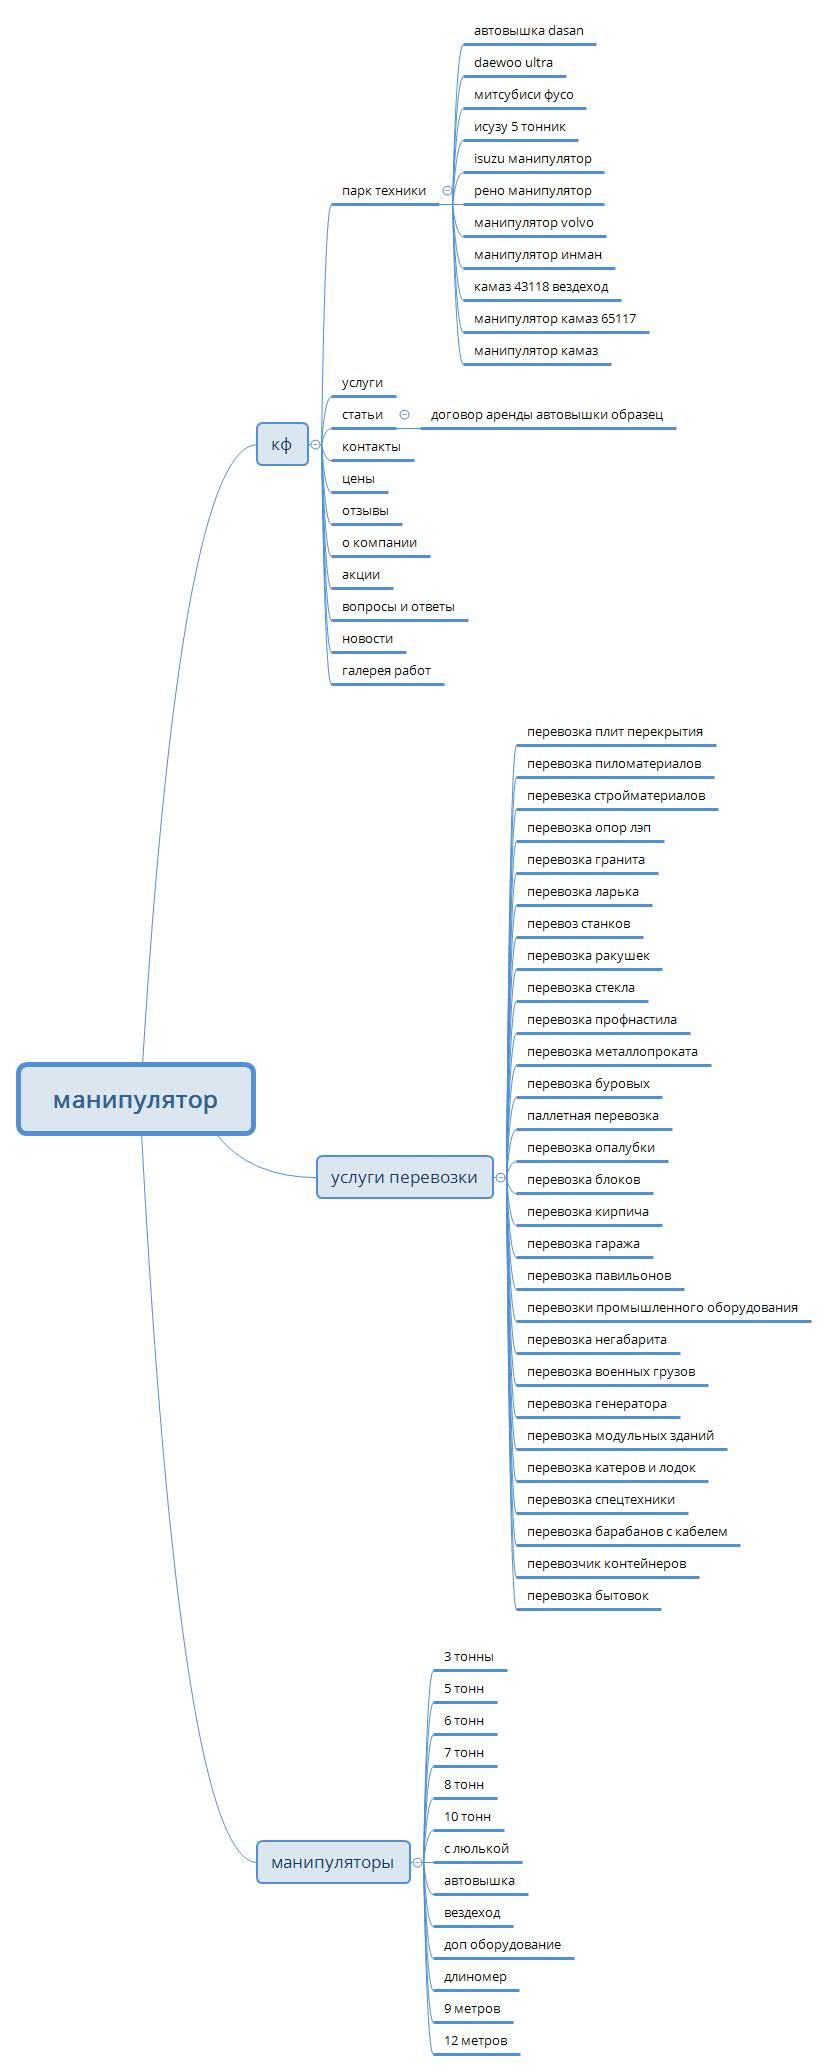 структура манипулятора